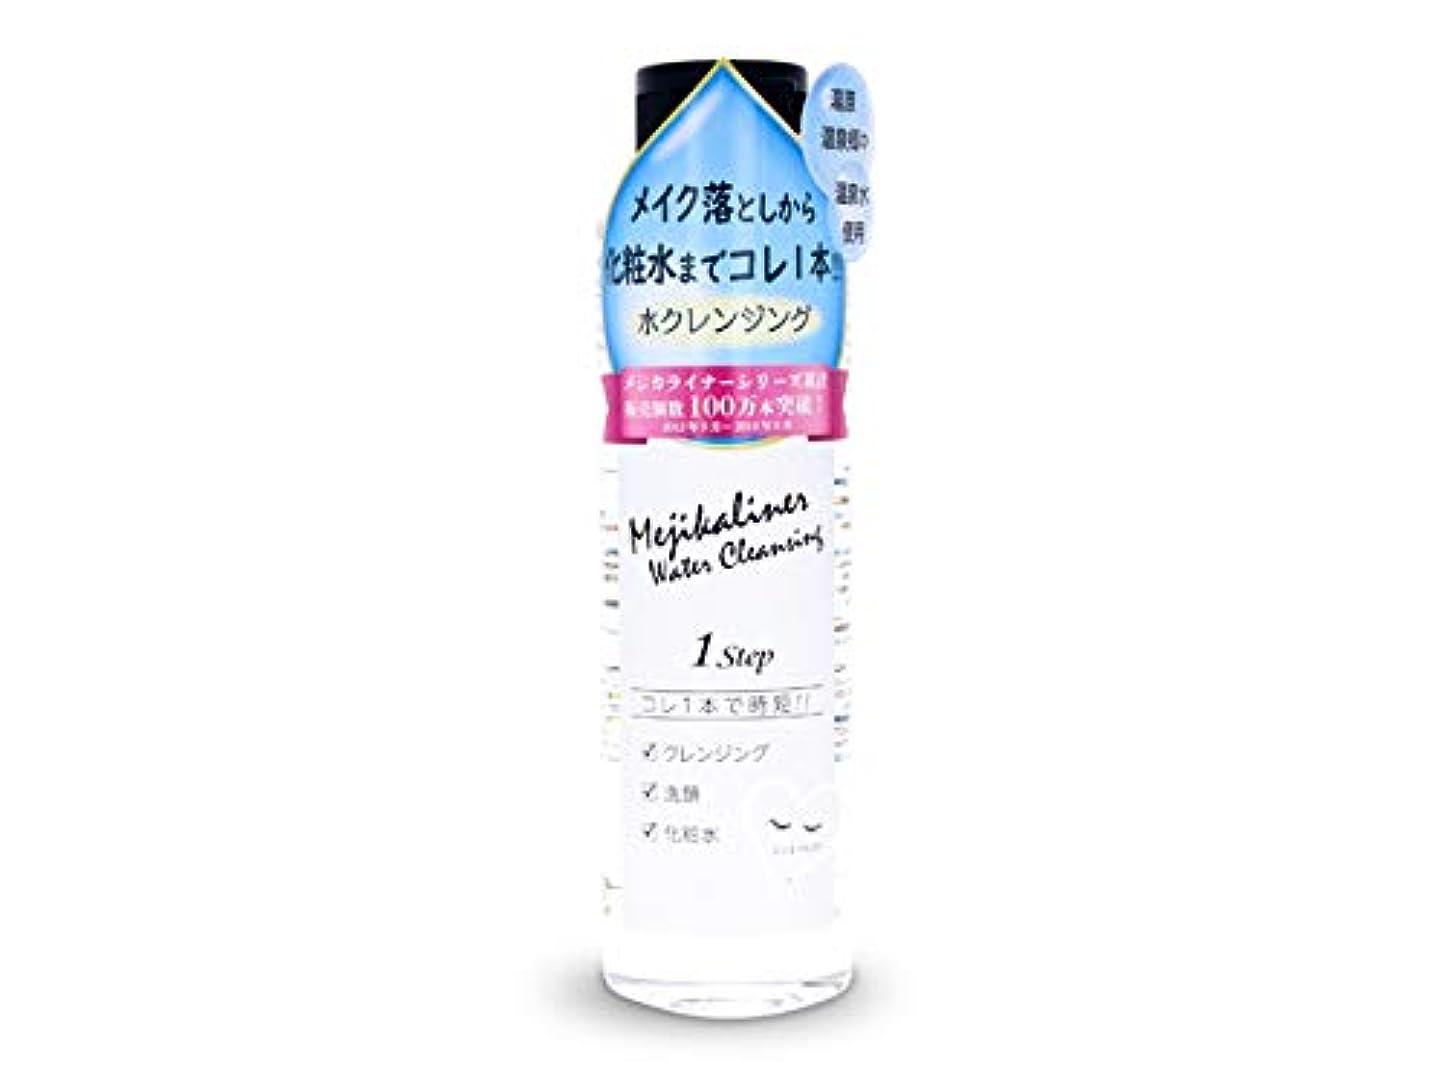 不正直アクティブ抽象メジカライナー ウォータークレンジング 30個セット 水クレンジング メイク落とし 洗顔 スキンケア 化粧品